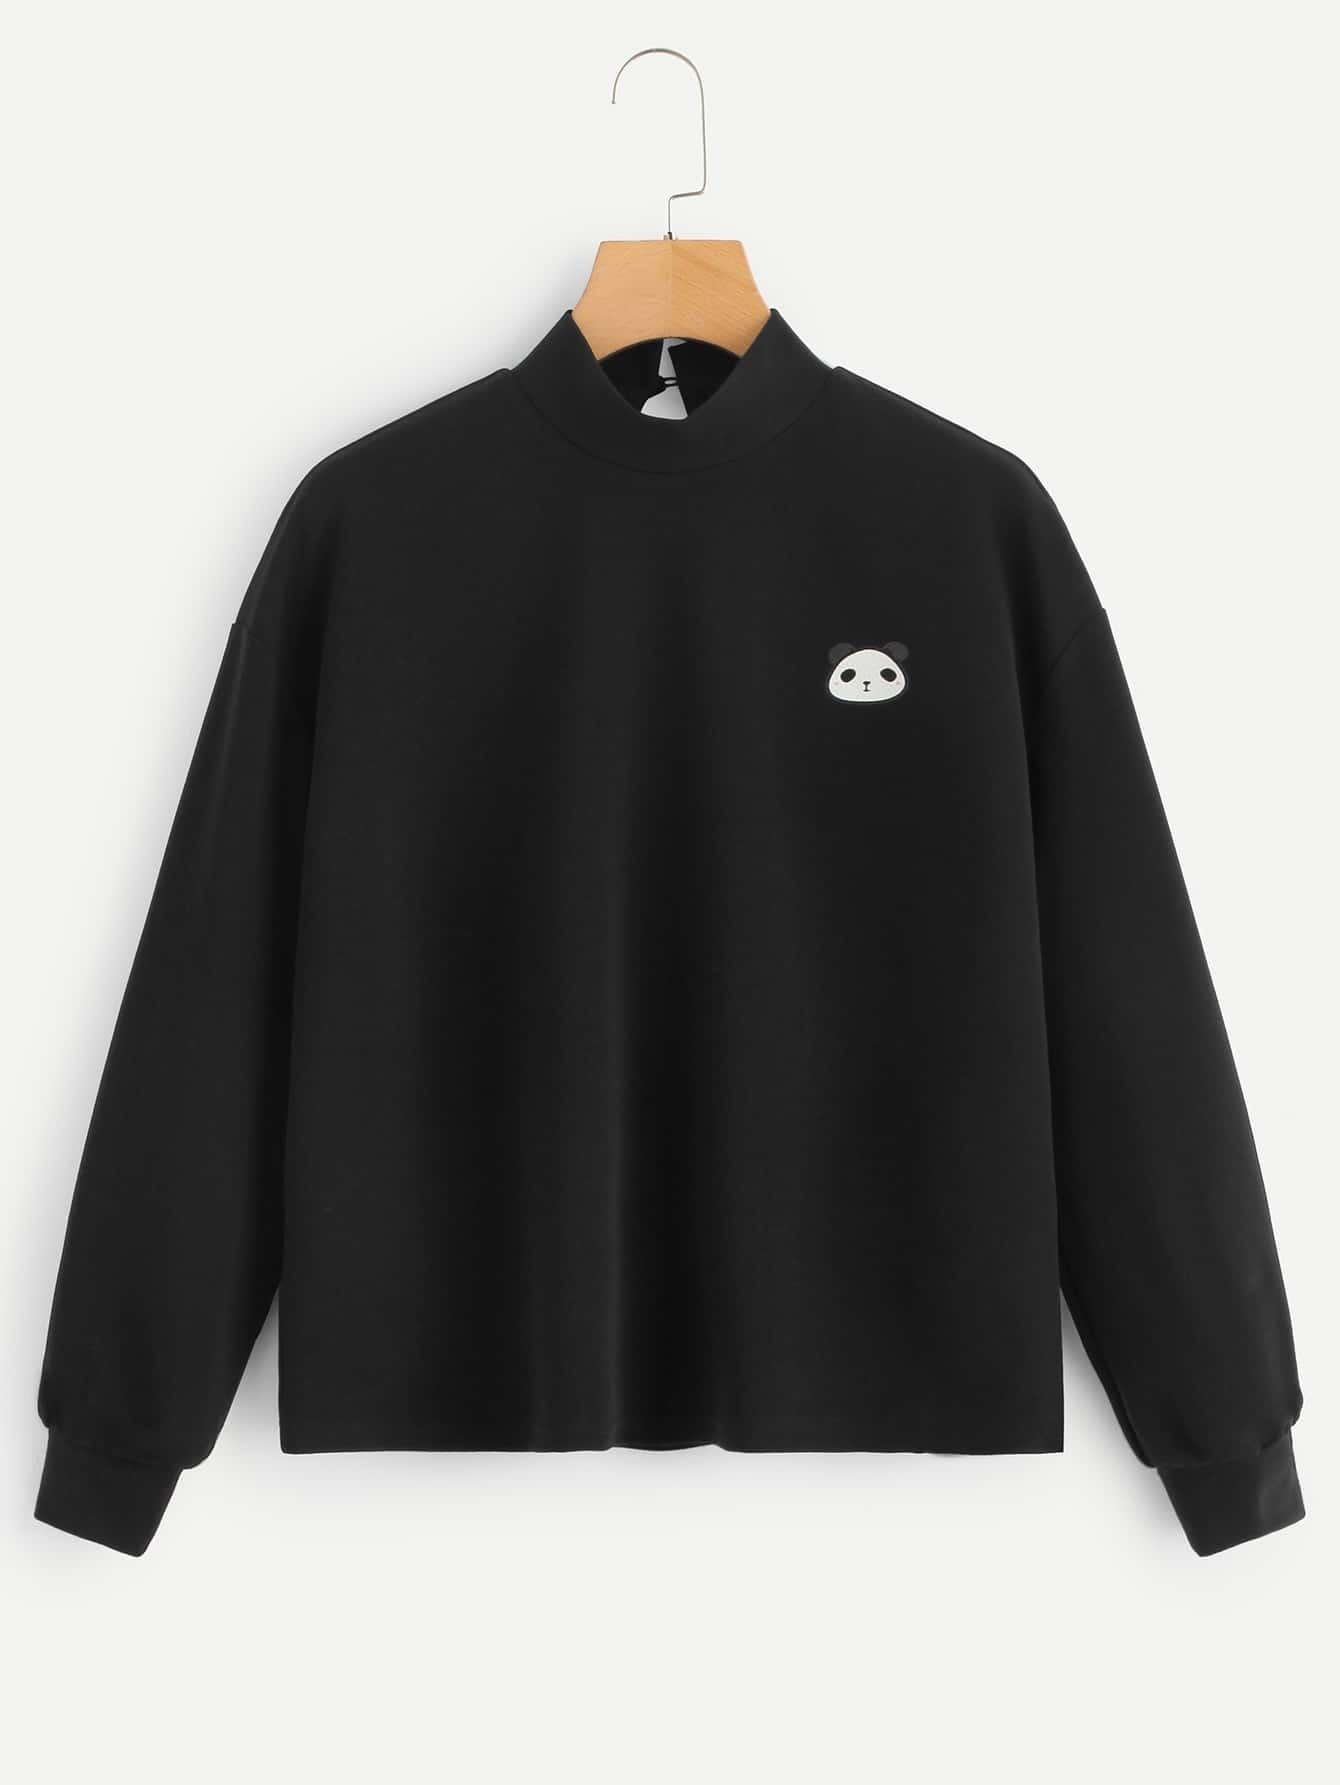 Купить Пуловер с вырезом под горло и принтом панды, null, SheIn